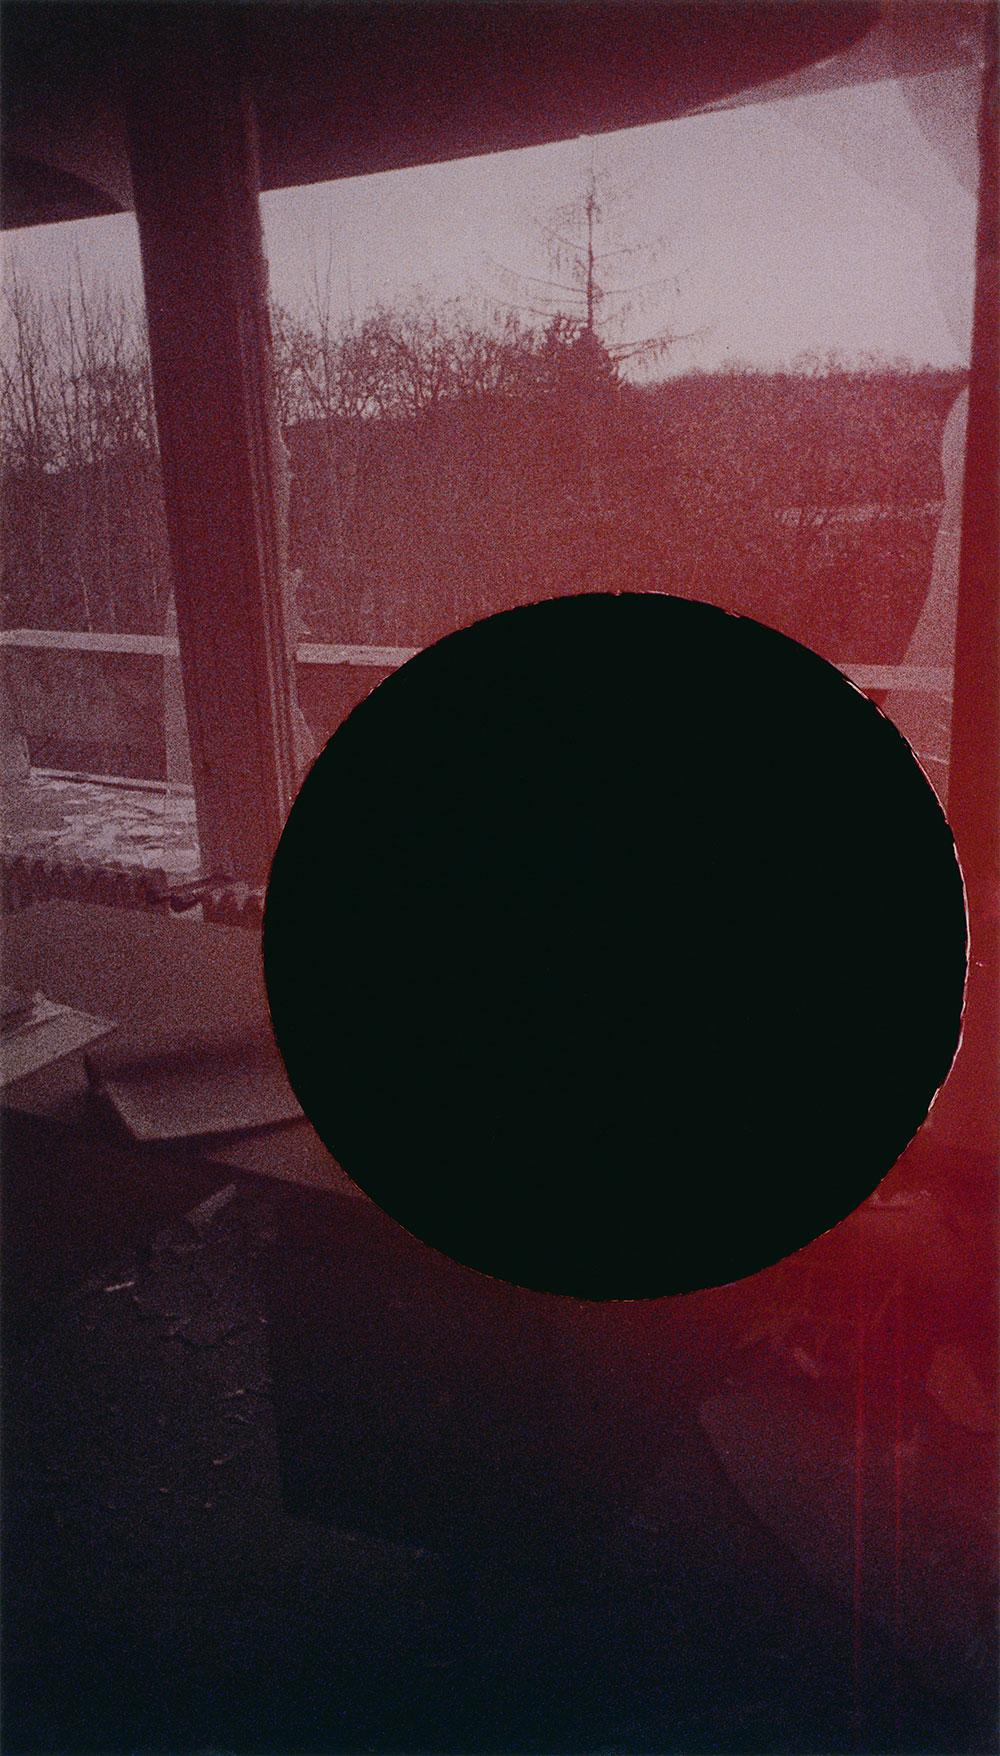 תמונת מסע, שקיעה, וואליד בשטי, 2012